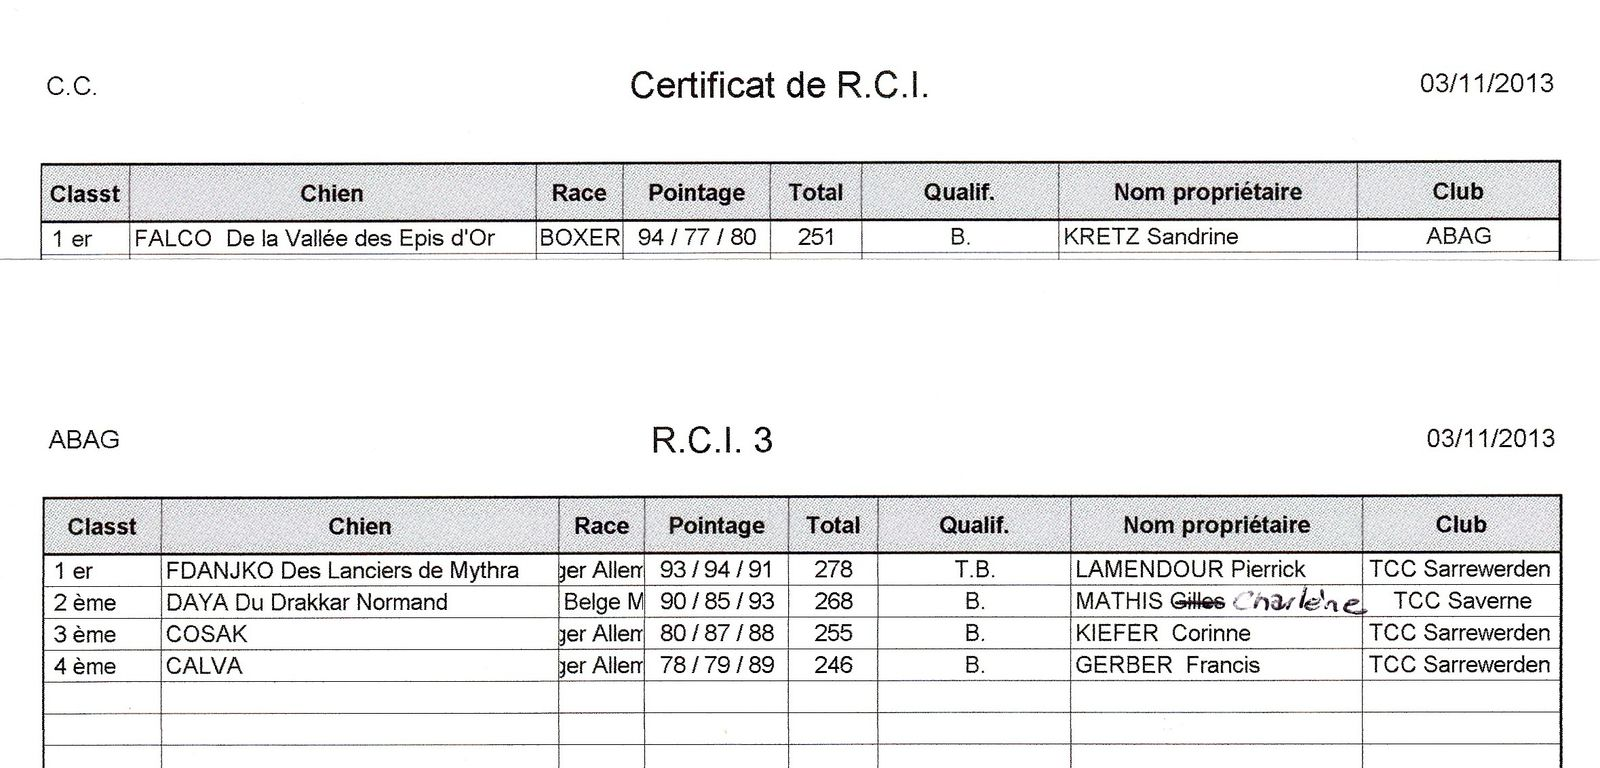 Résultats RCI (03/11/2013)